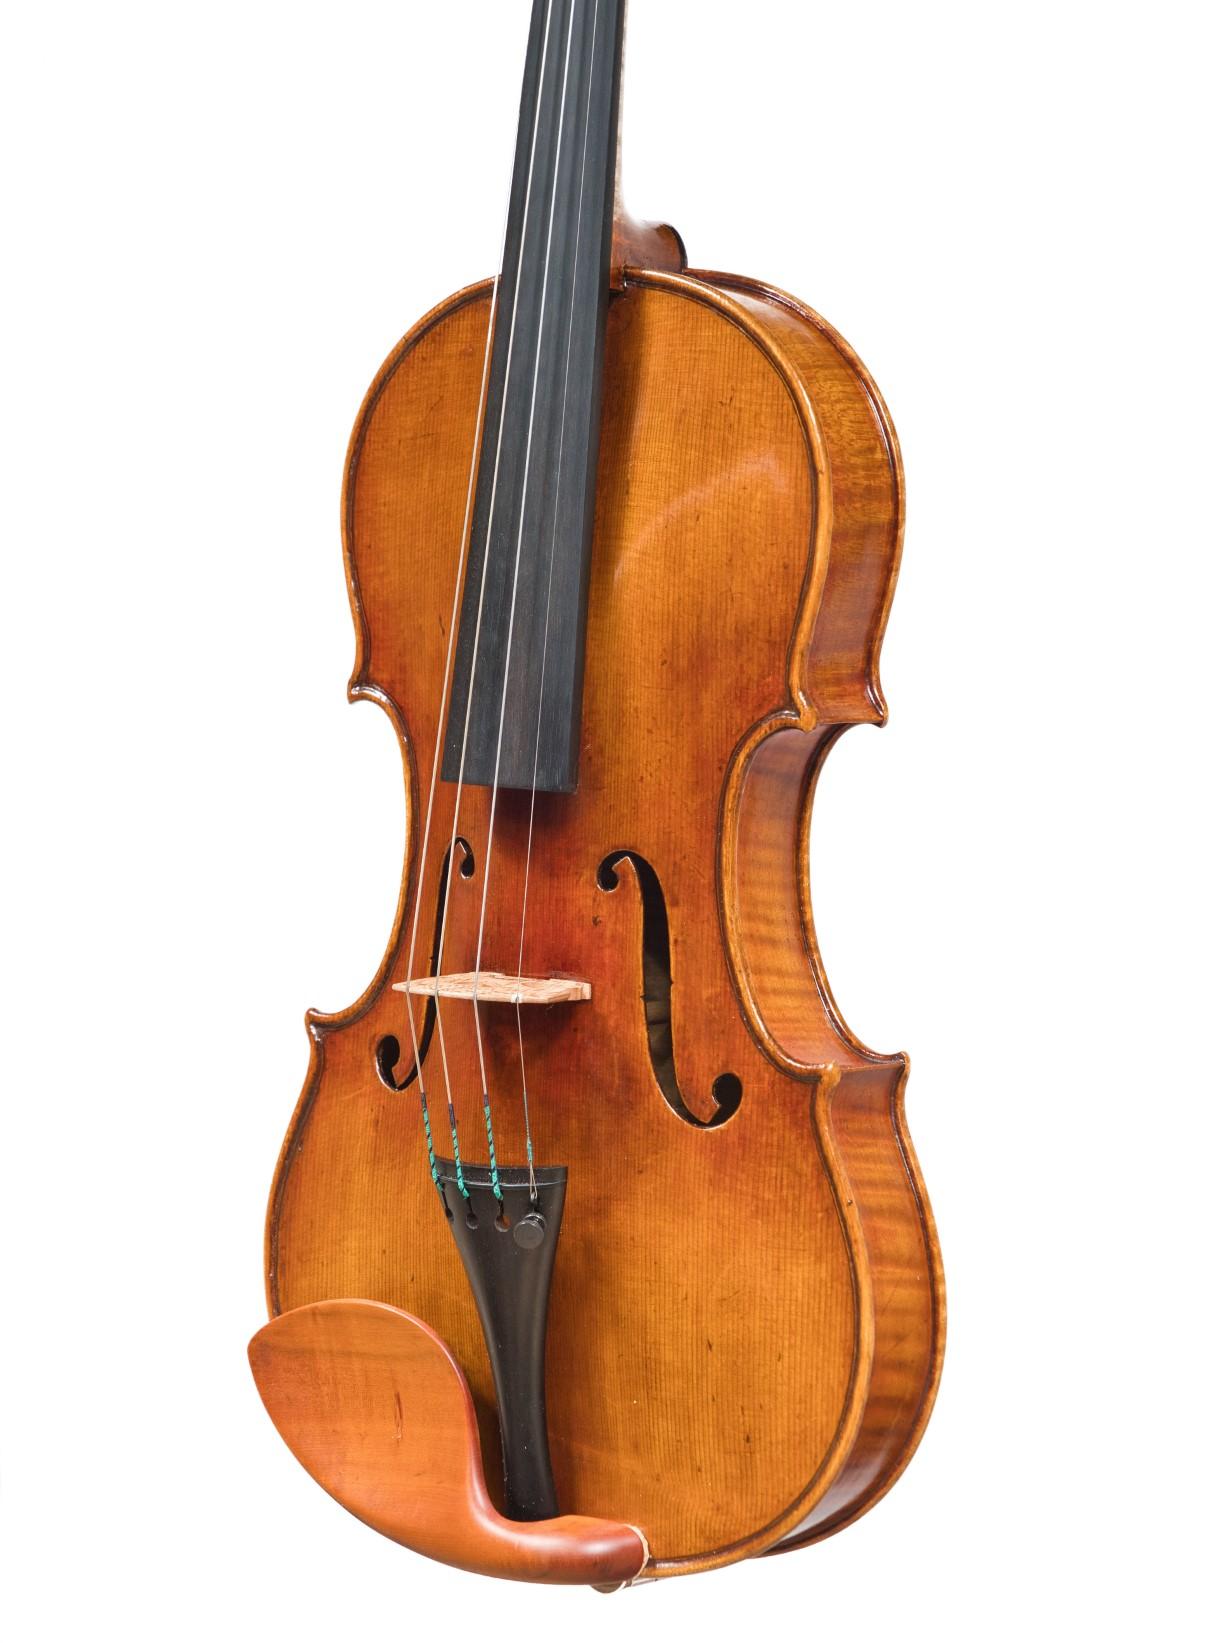 antiqued violin